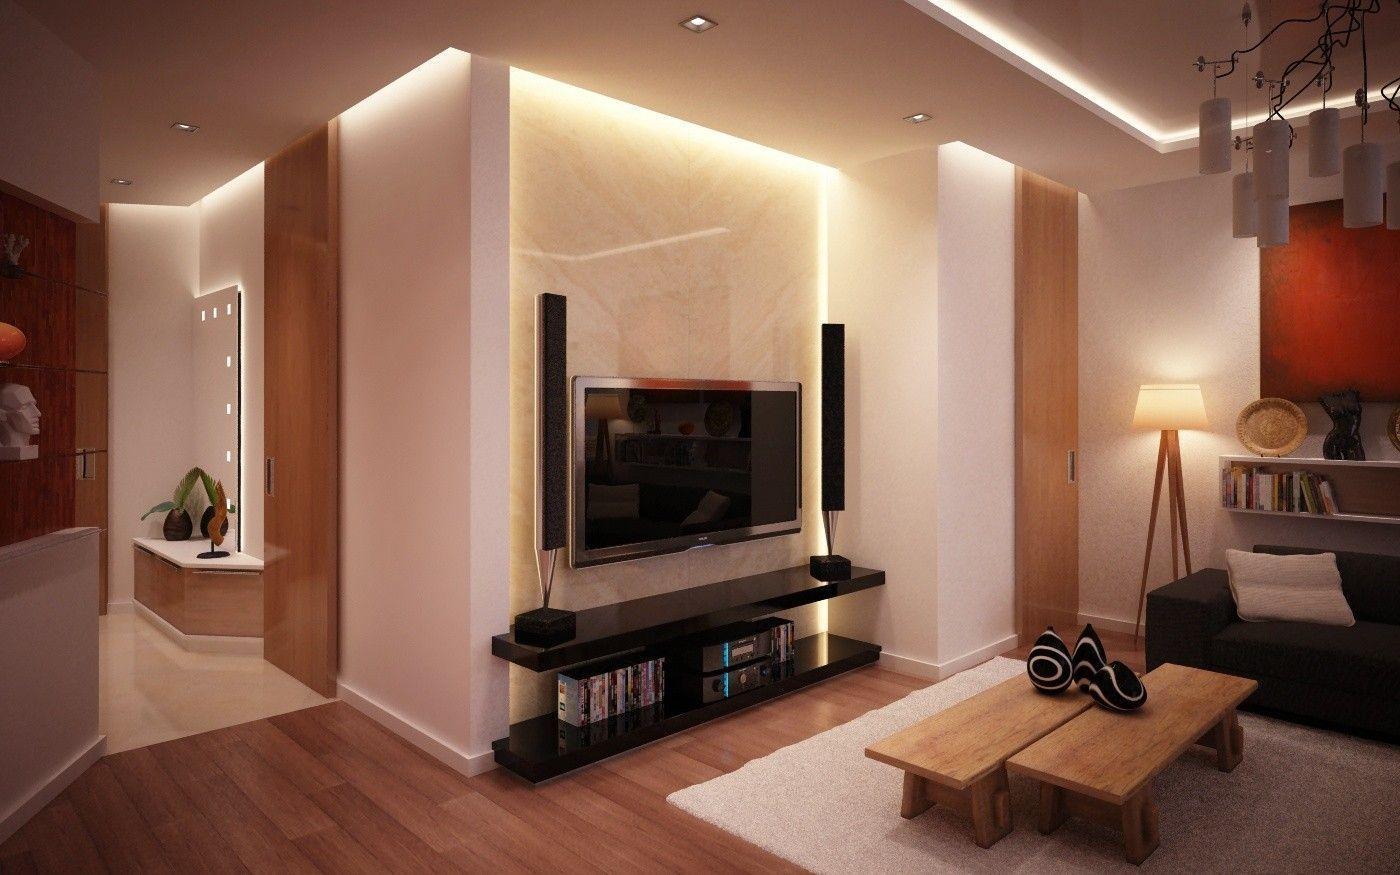 дизайн комнаты отдыха в доме